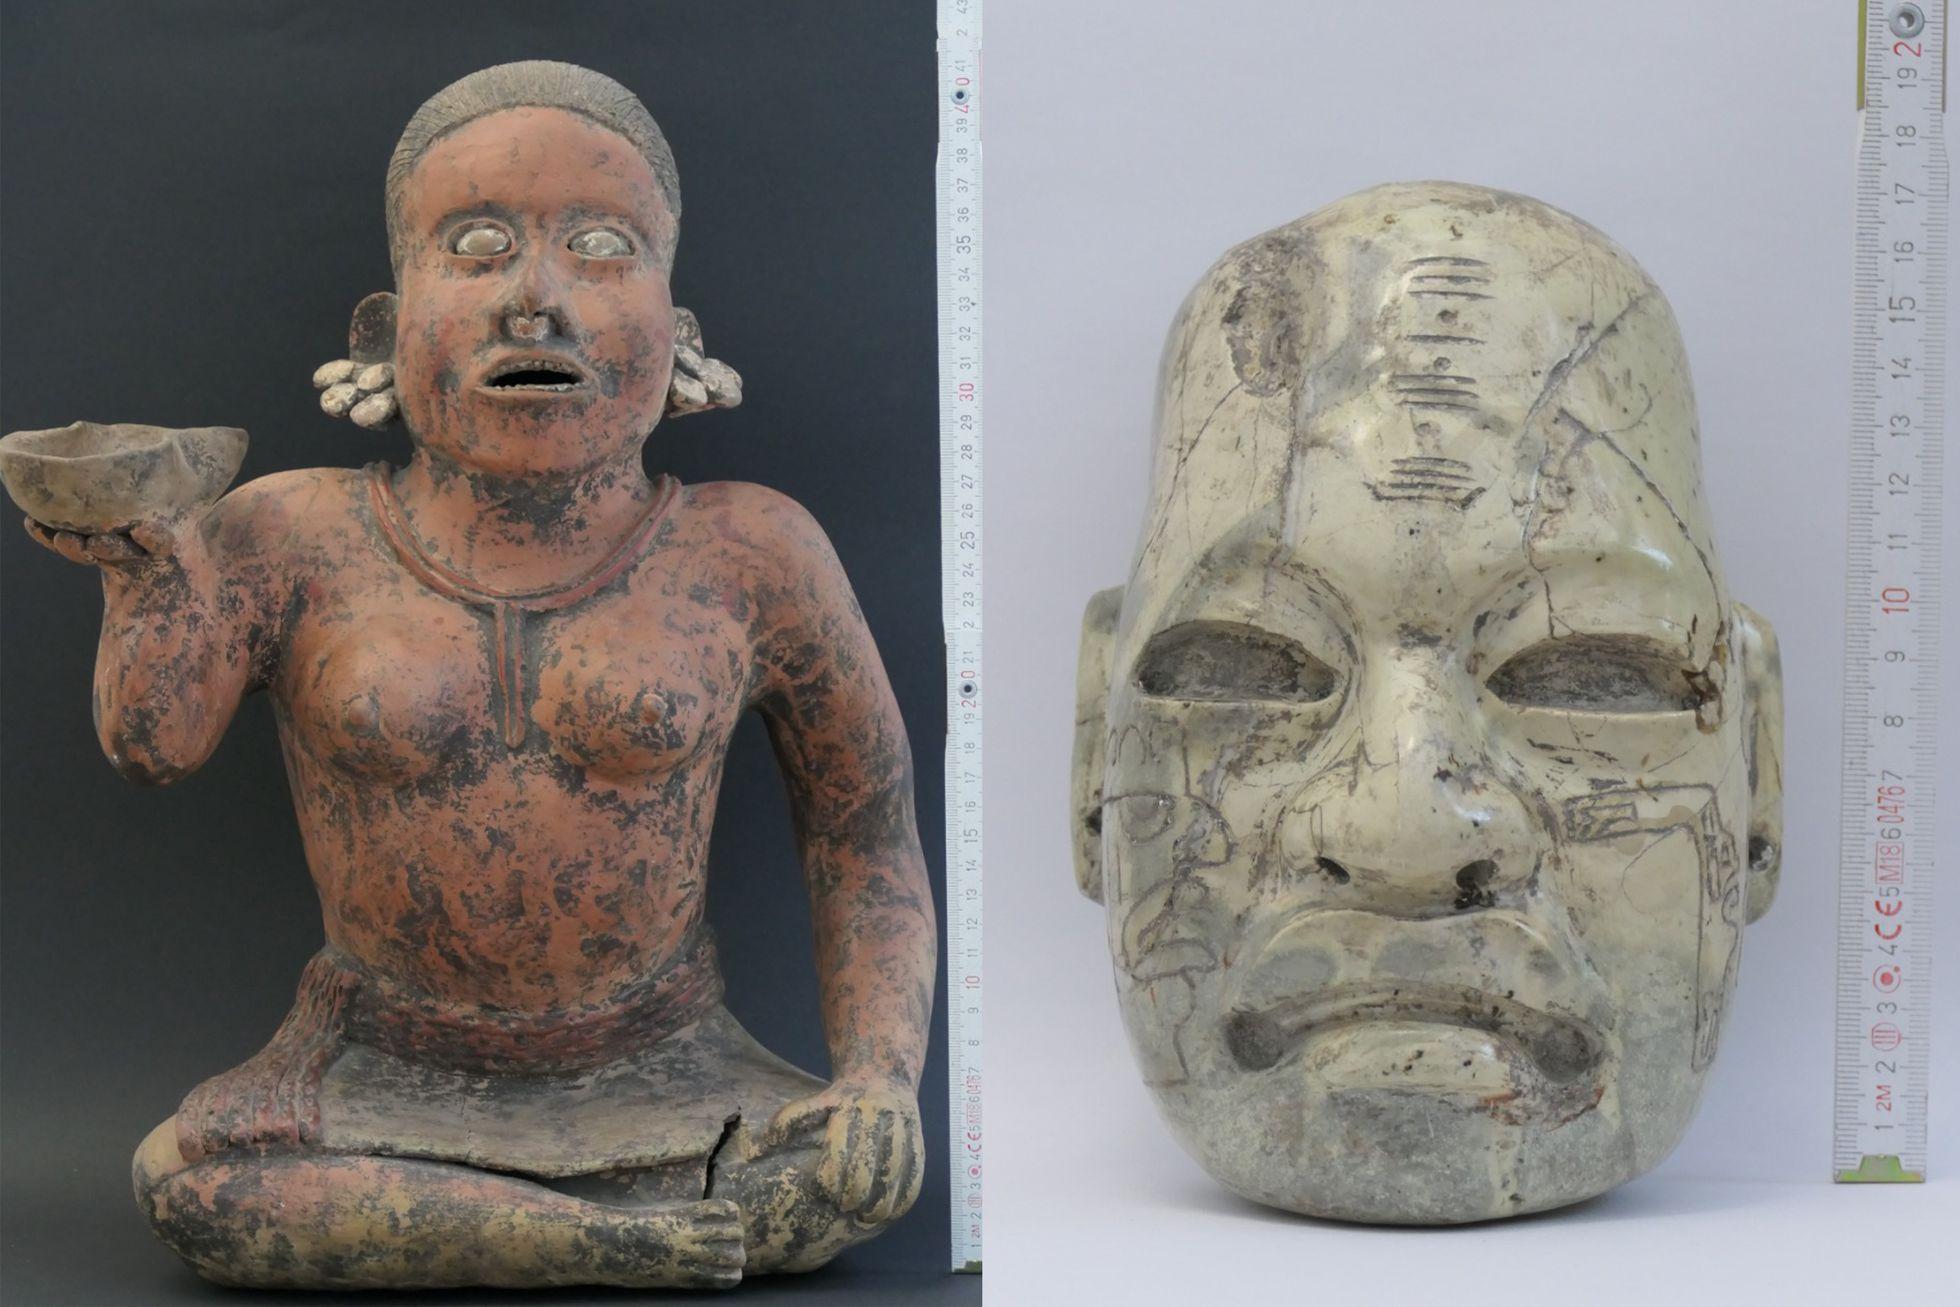 Alemania devuelve voluntariamente 34 piezas arqueológicas a México